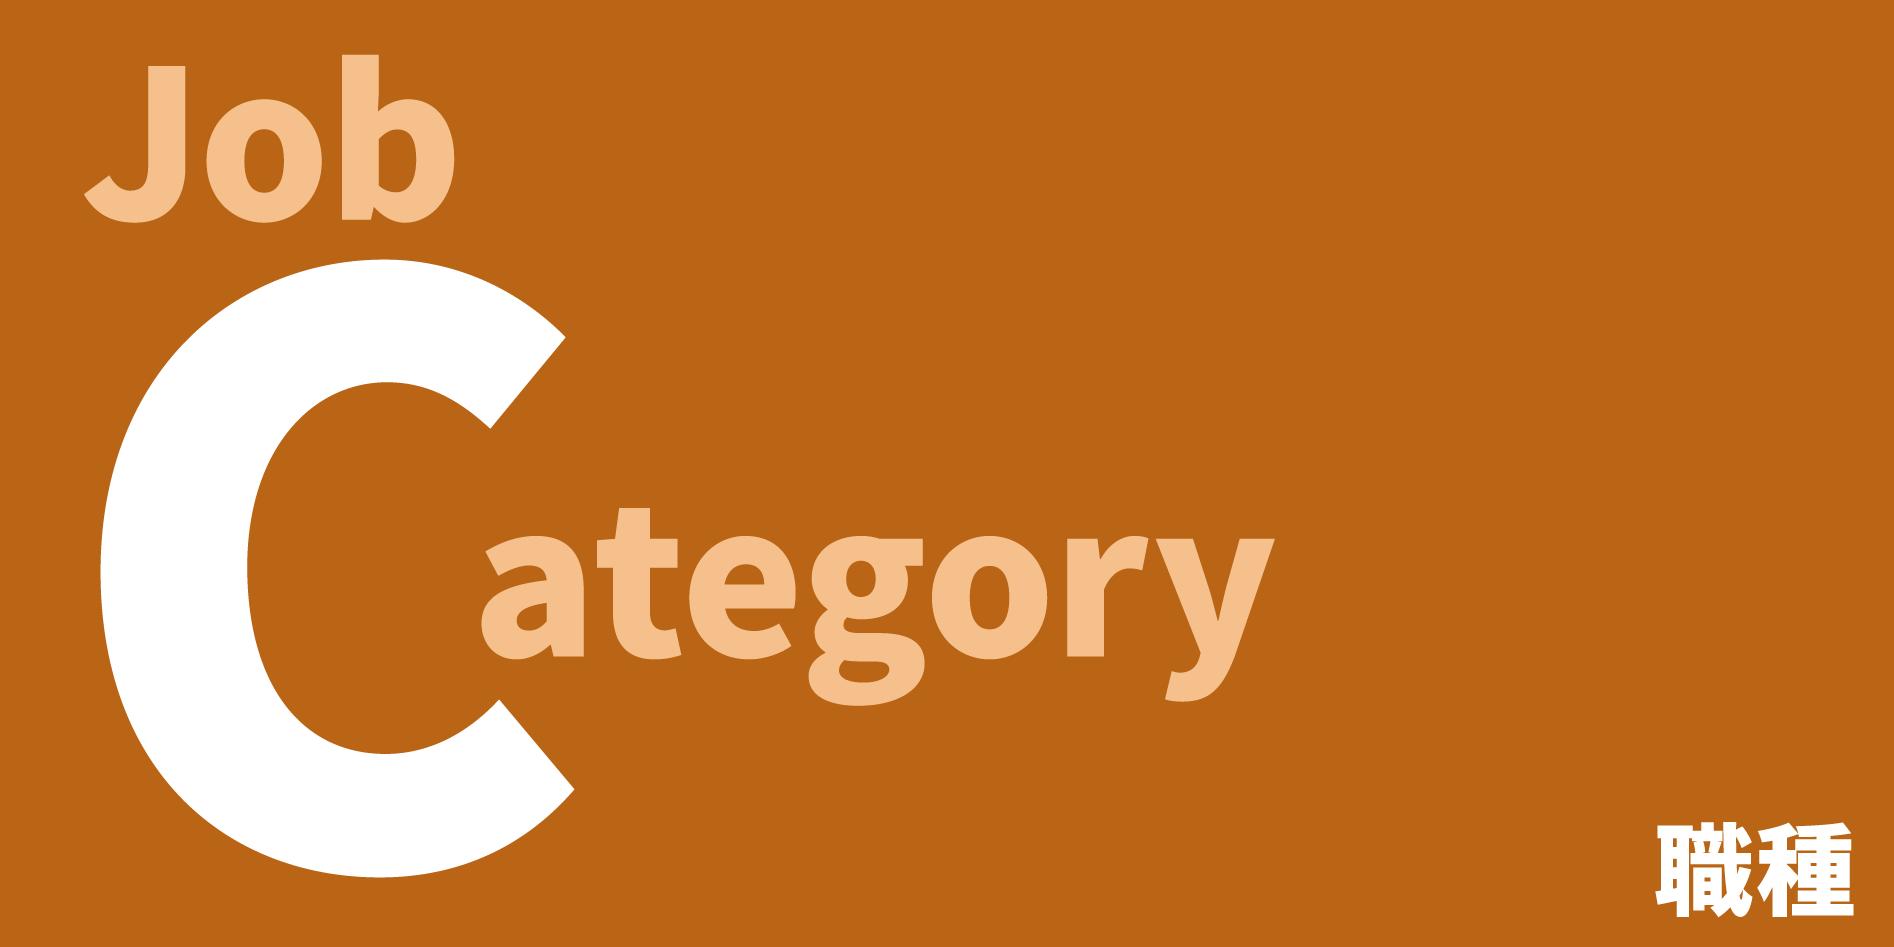 [バッジ]職種・Job Category/あなたの業種・スキルから、当社でのポジションを示します